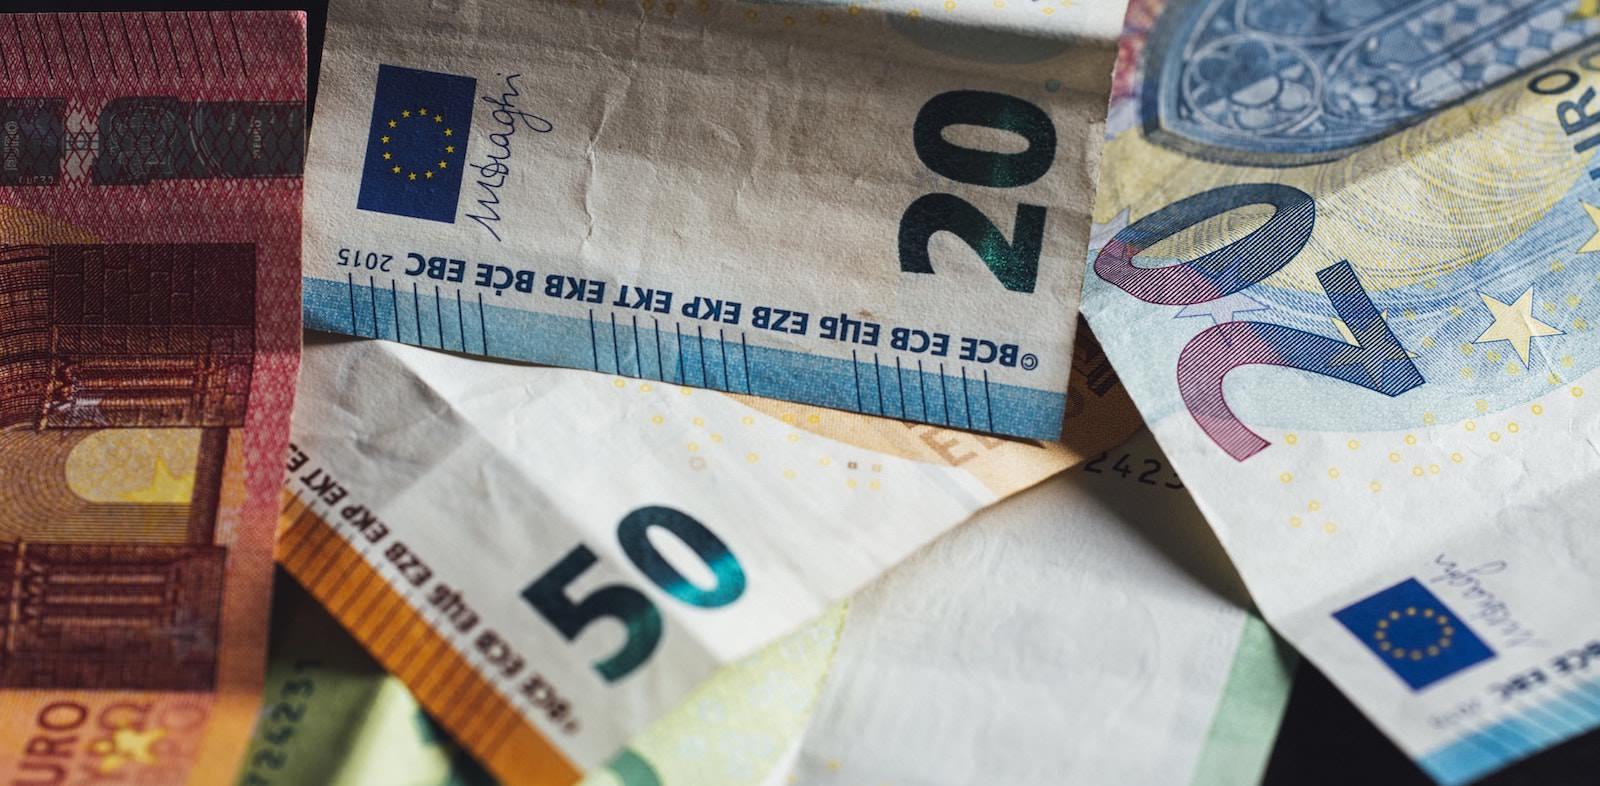 Vergleichsrechner Finanzen Übersicht Überblick Konten Depots Vergleich